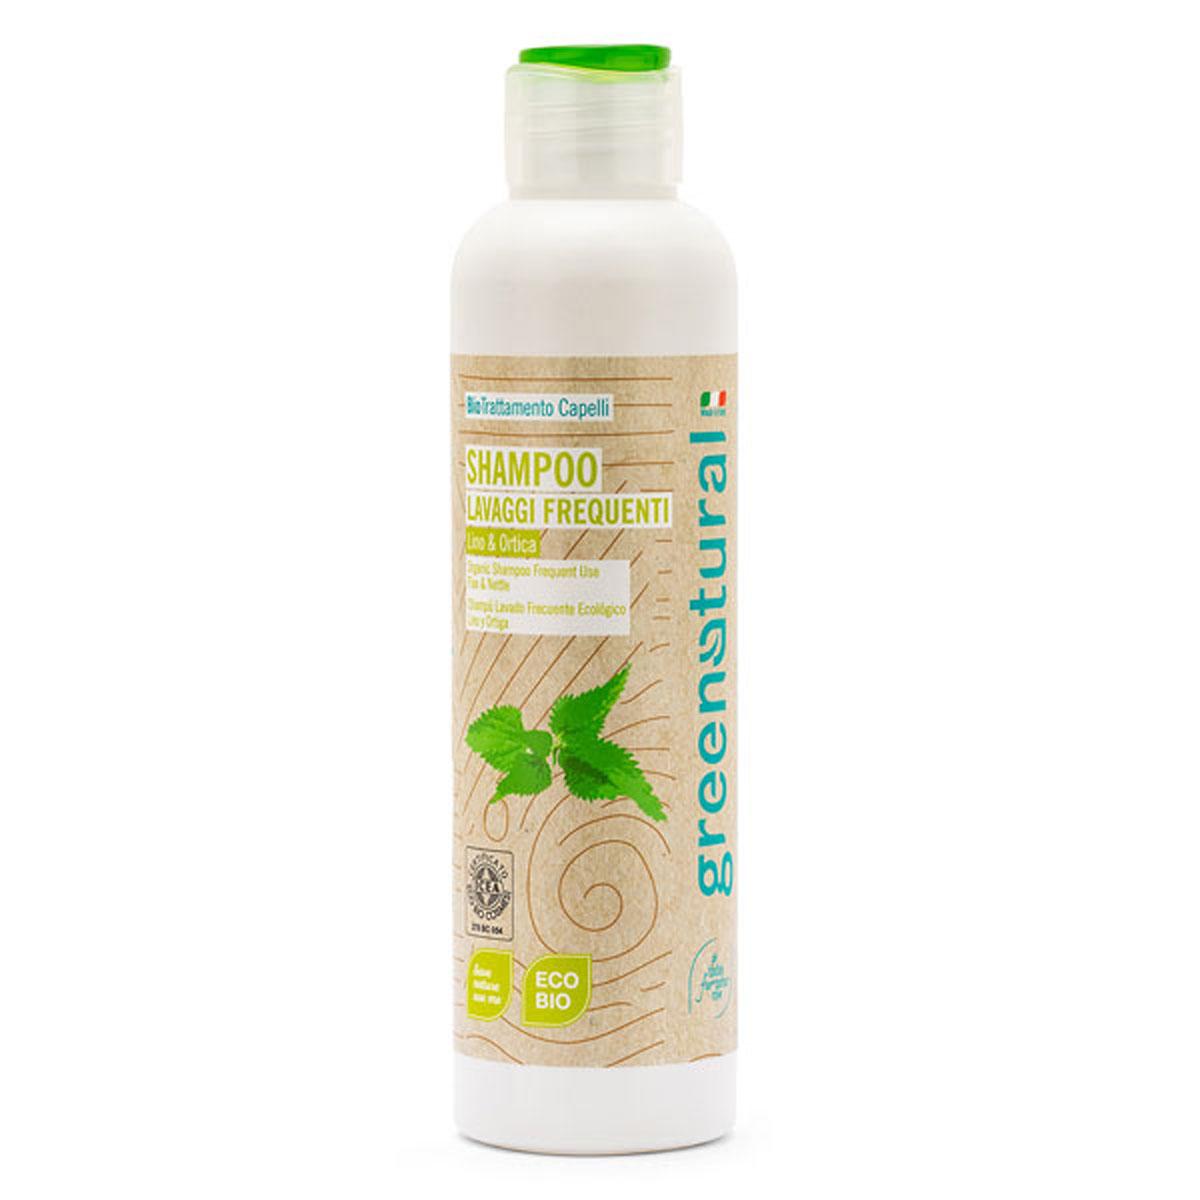 Greenatural – Shampoo Lavaggi Frequenti Lino & Ortica 250ml